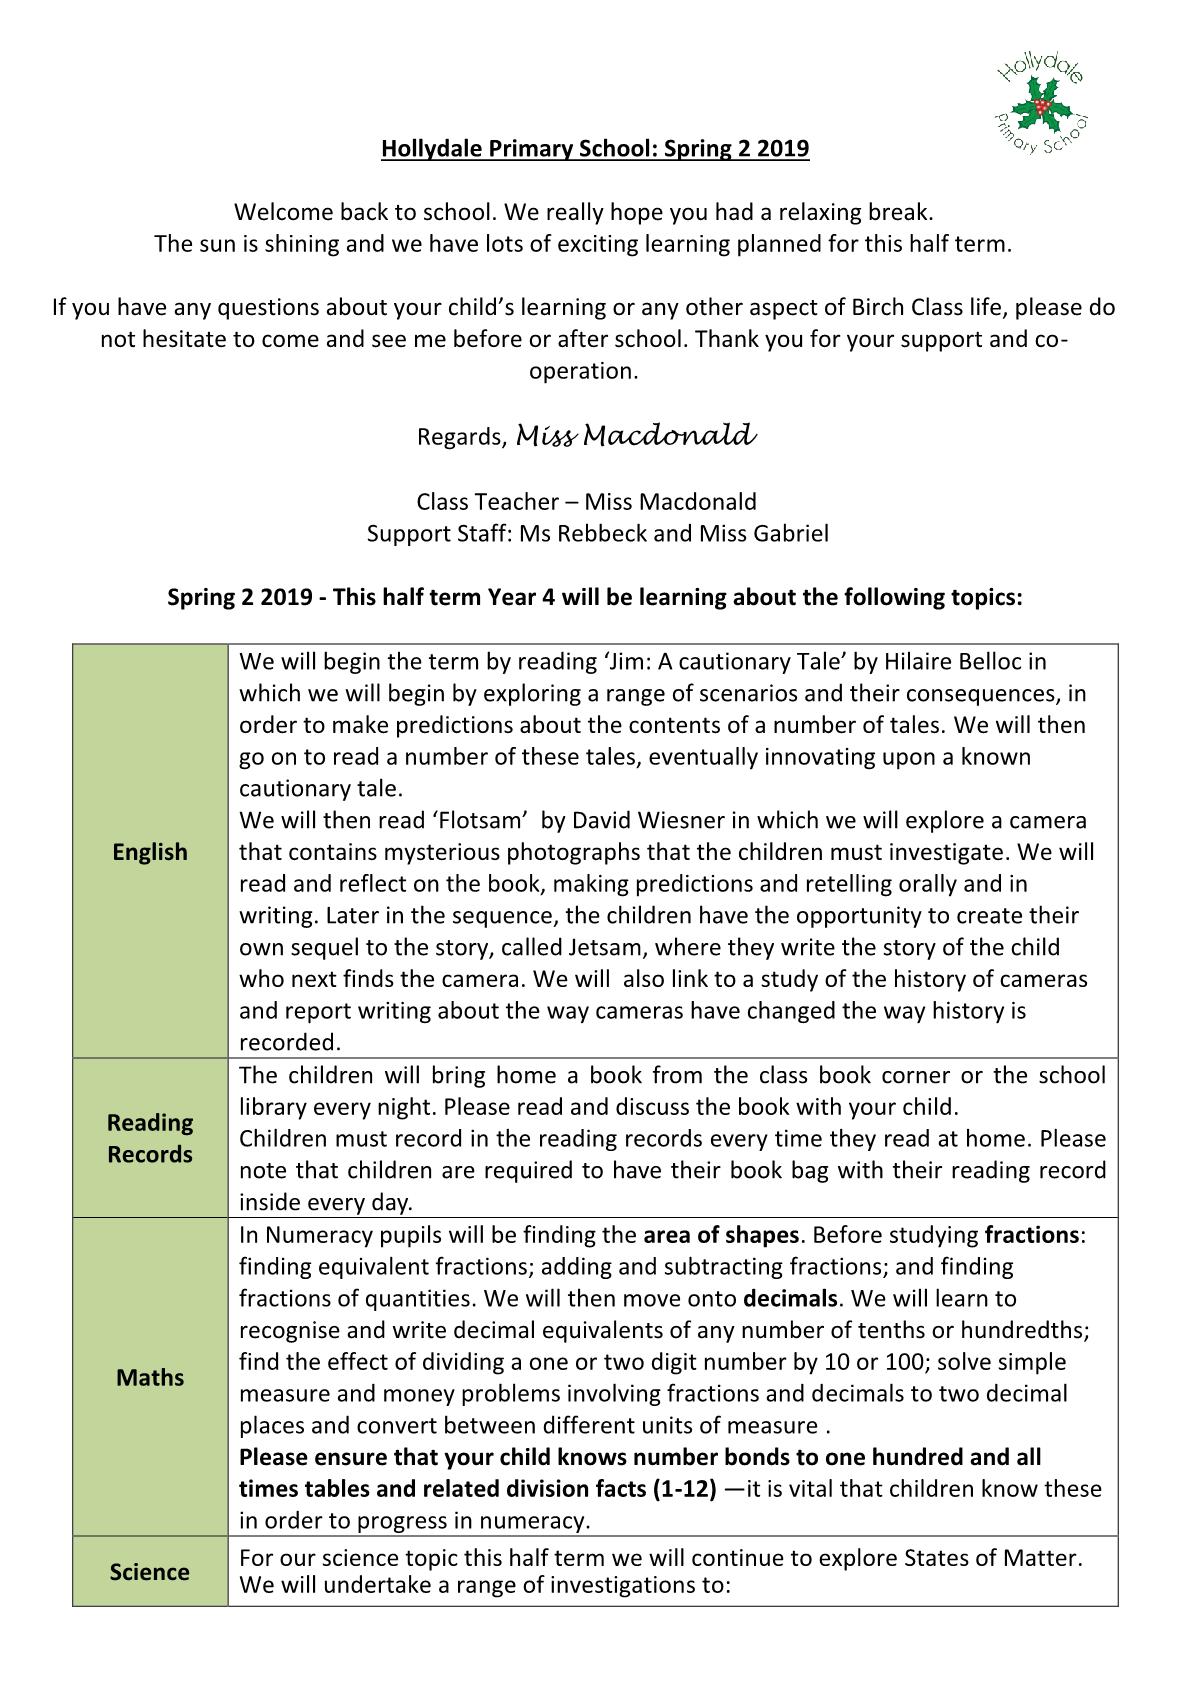 LKS2 Spring 2 Newsletter 2019